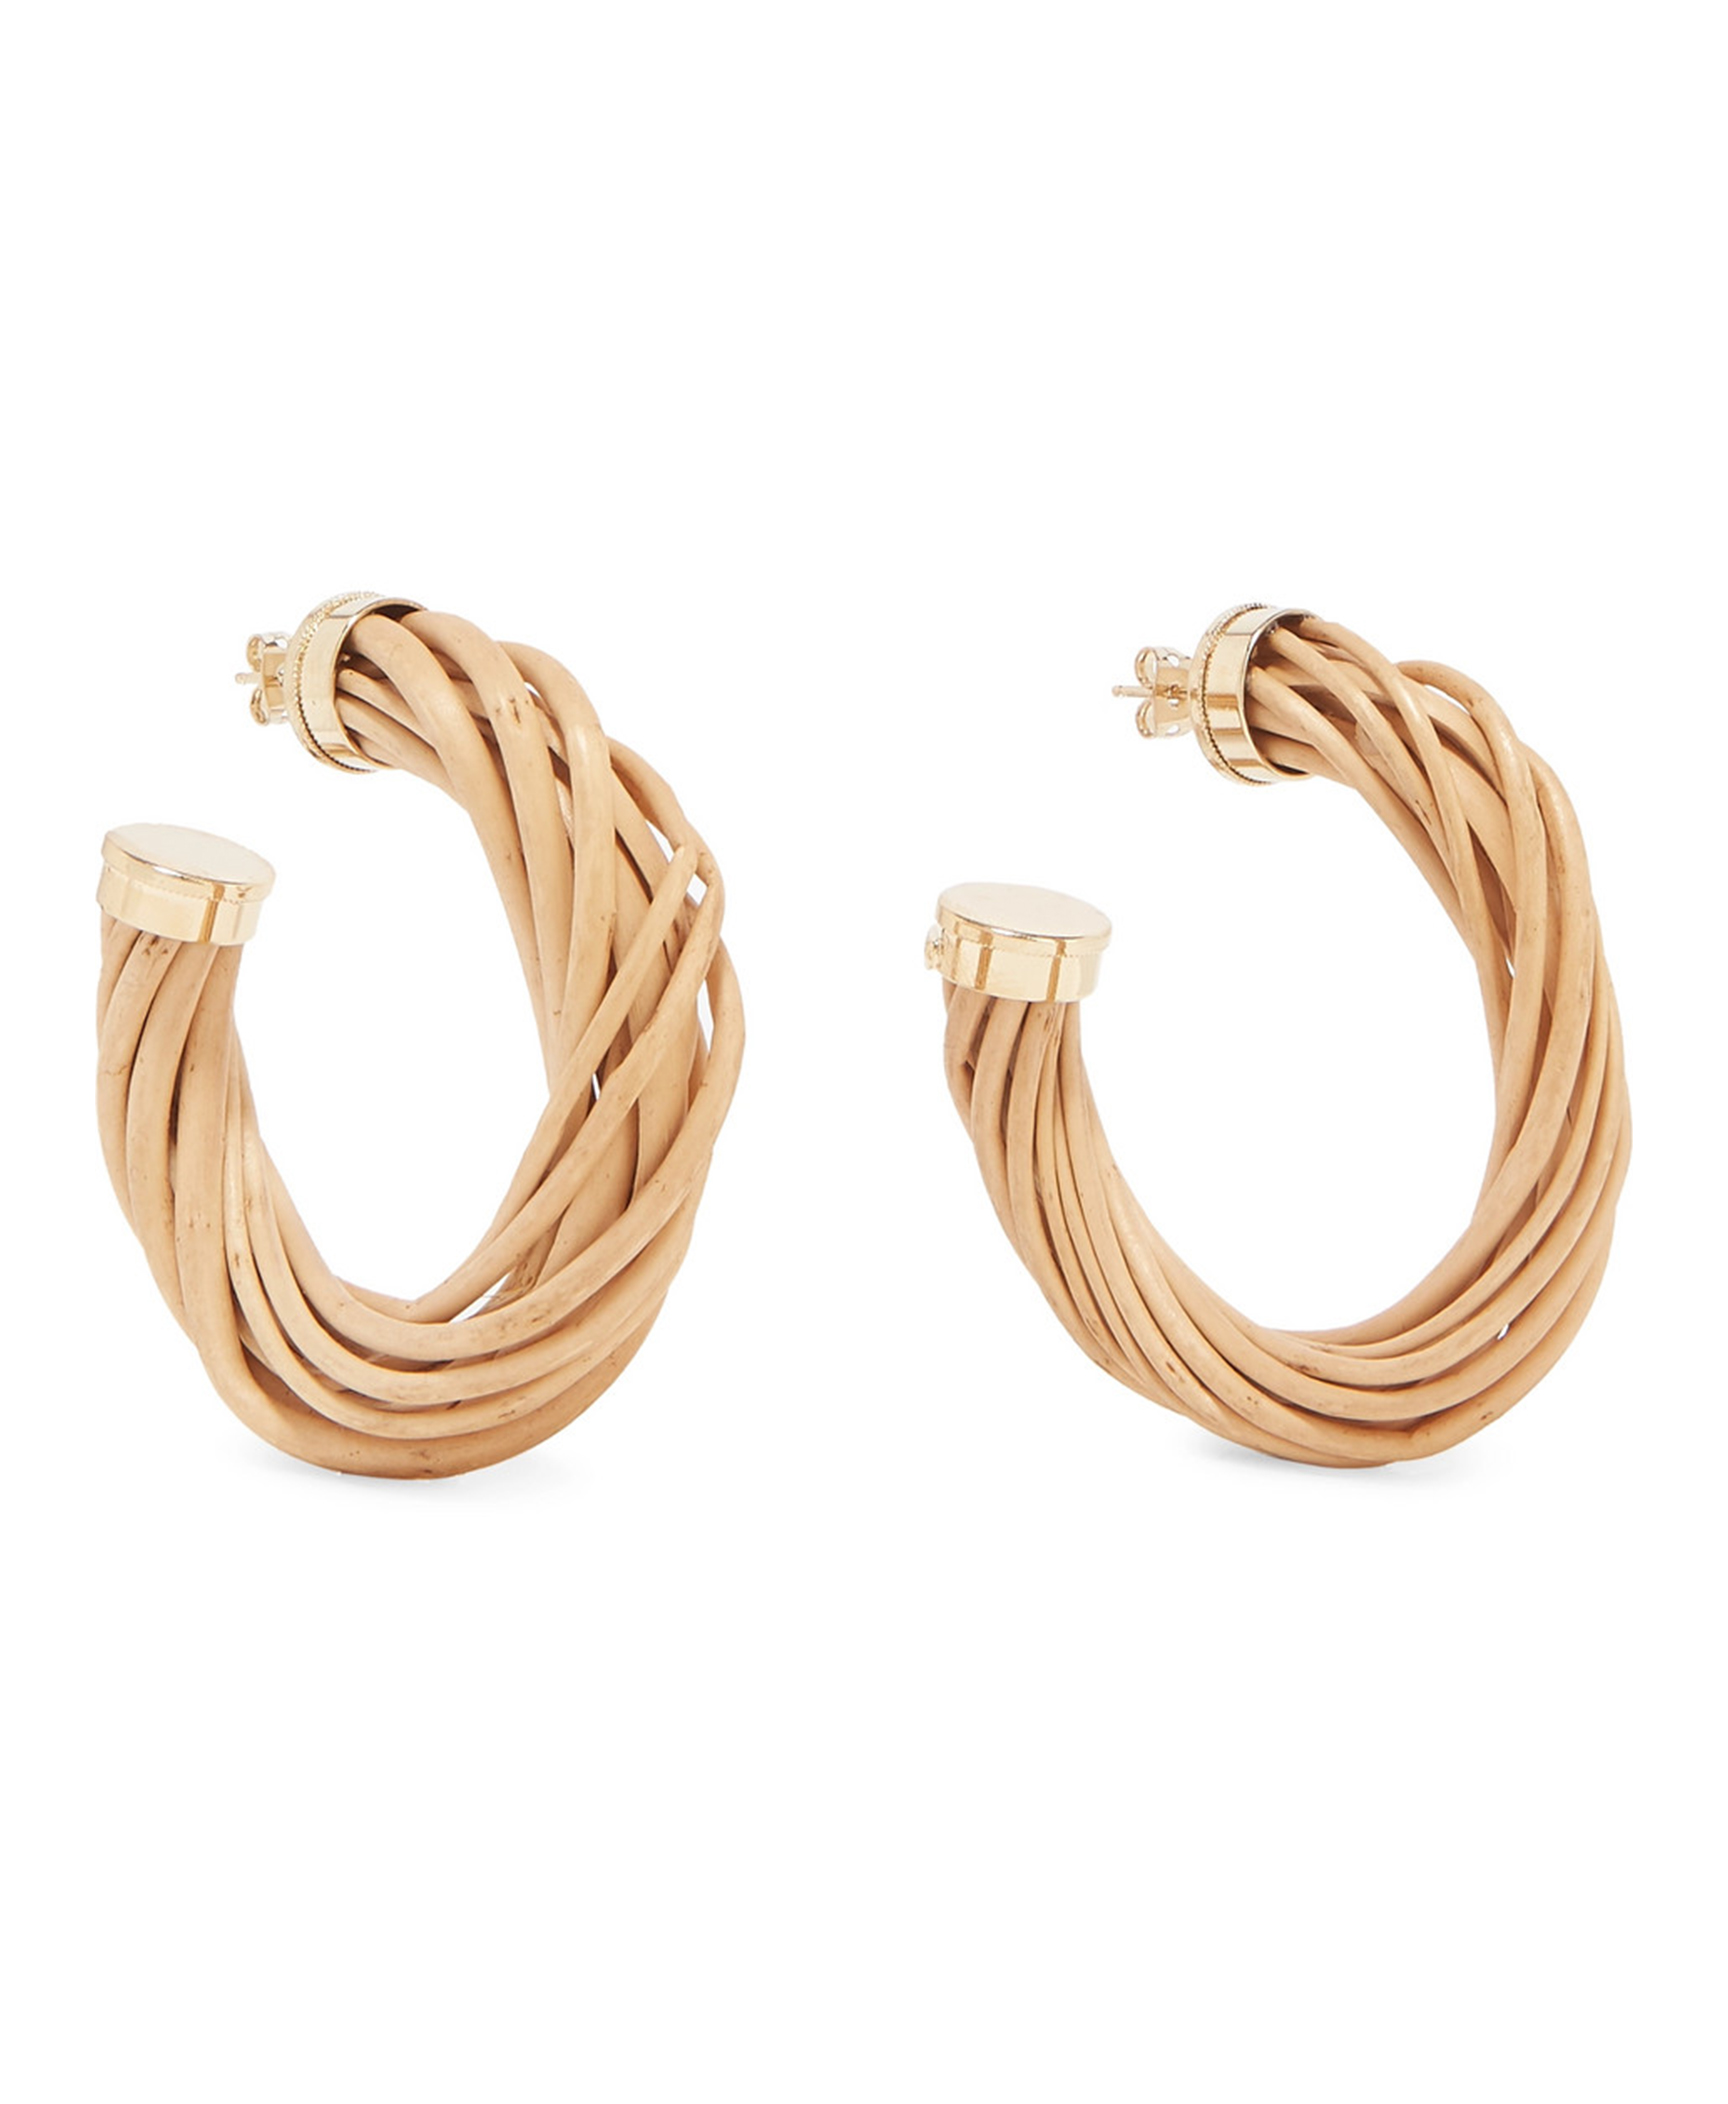 Wicker Hoop Earrings